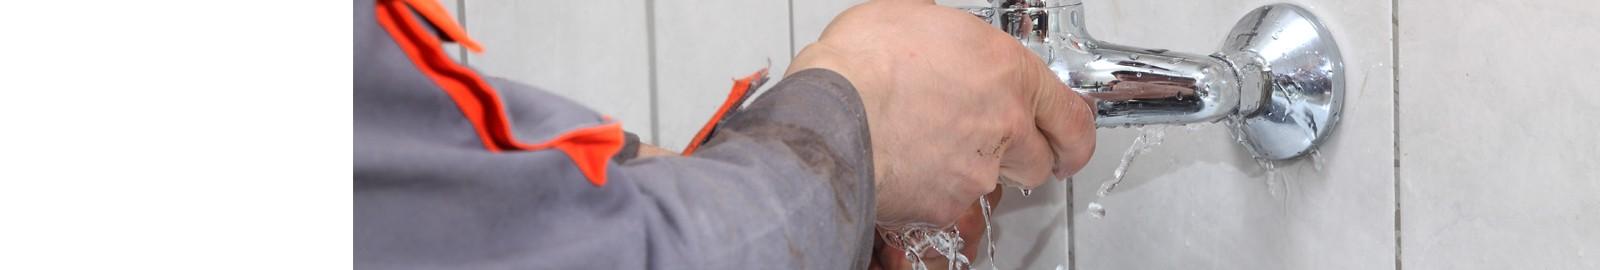 Baines Bathrooms Emergency Plumbing